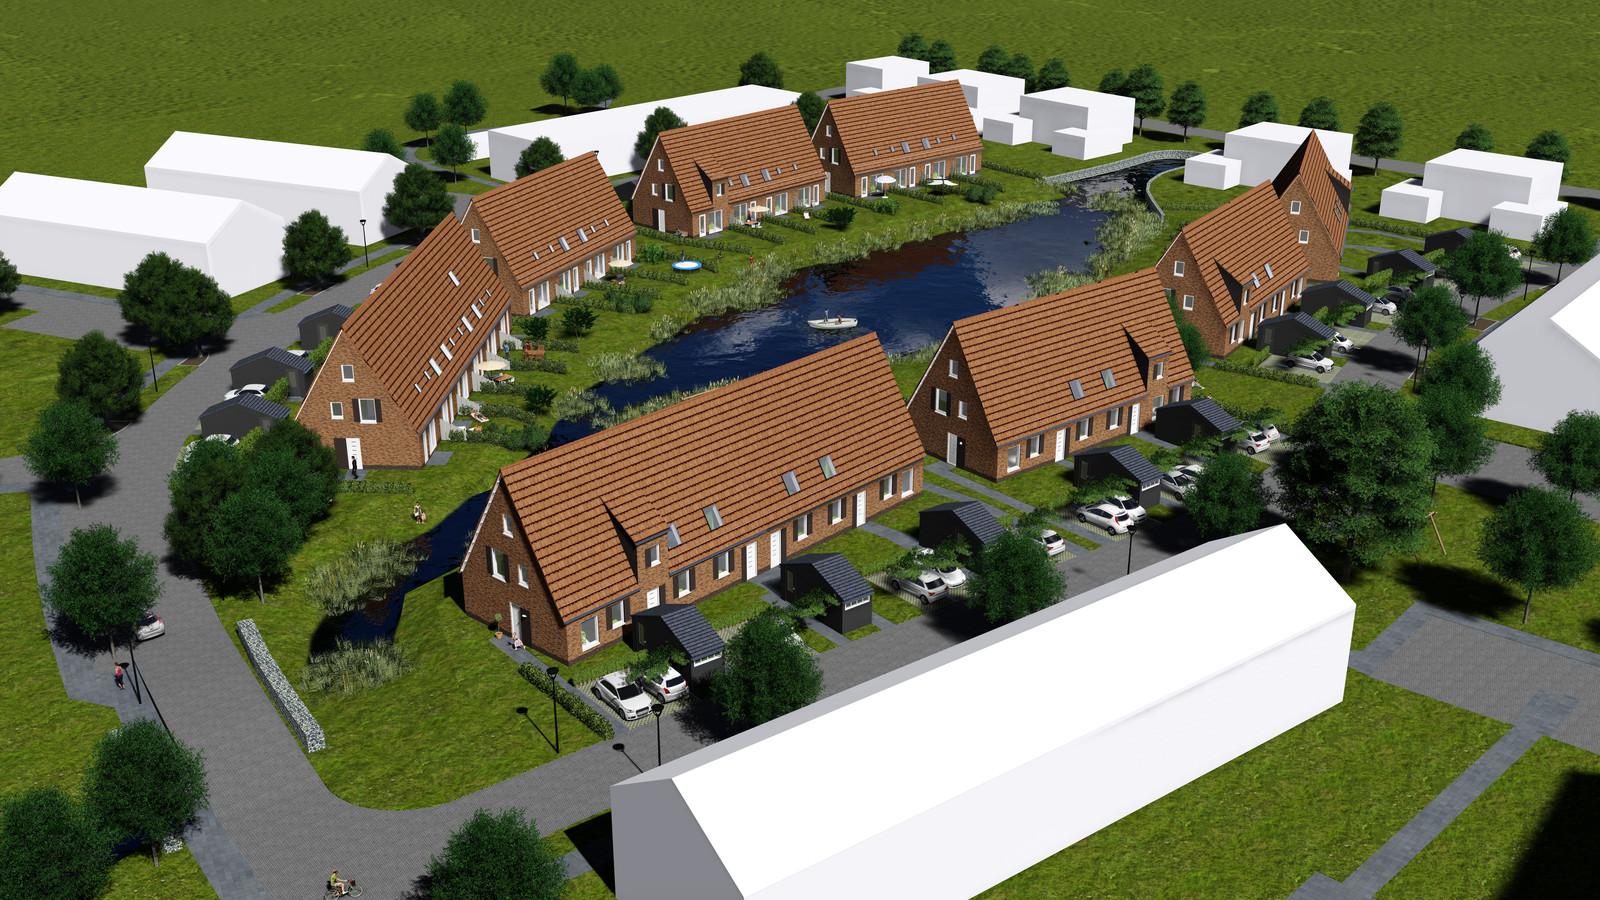 Een impressie van de woningbouw in De Kolk in Wapenveld. De huidige plannen wijken licht af van de bovenstaande afbeelding.